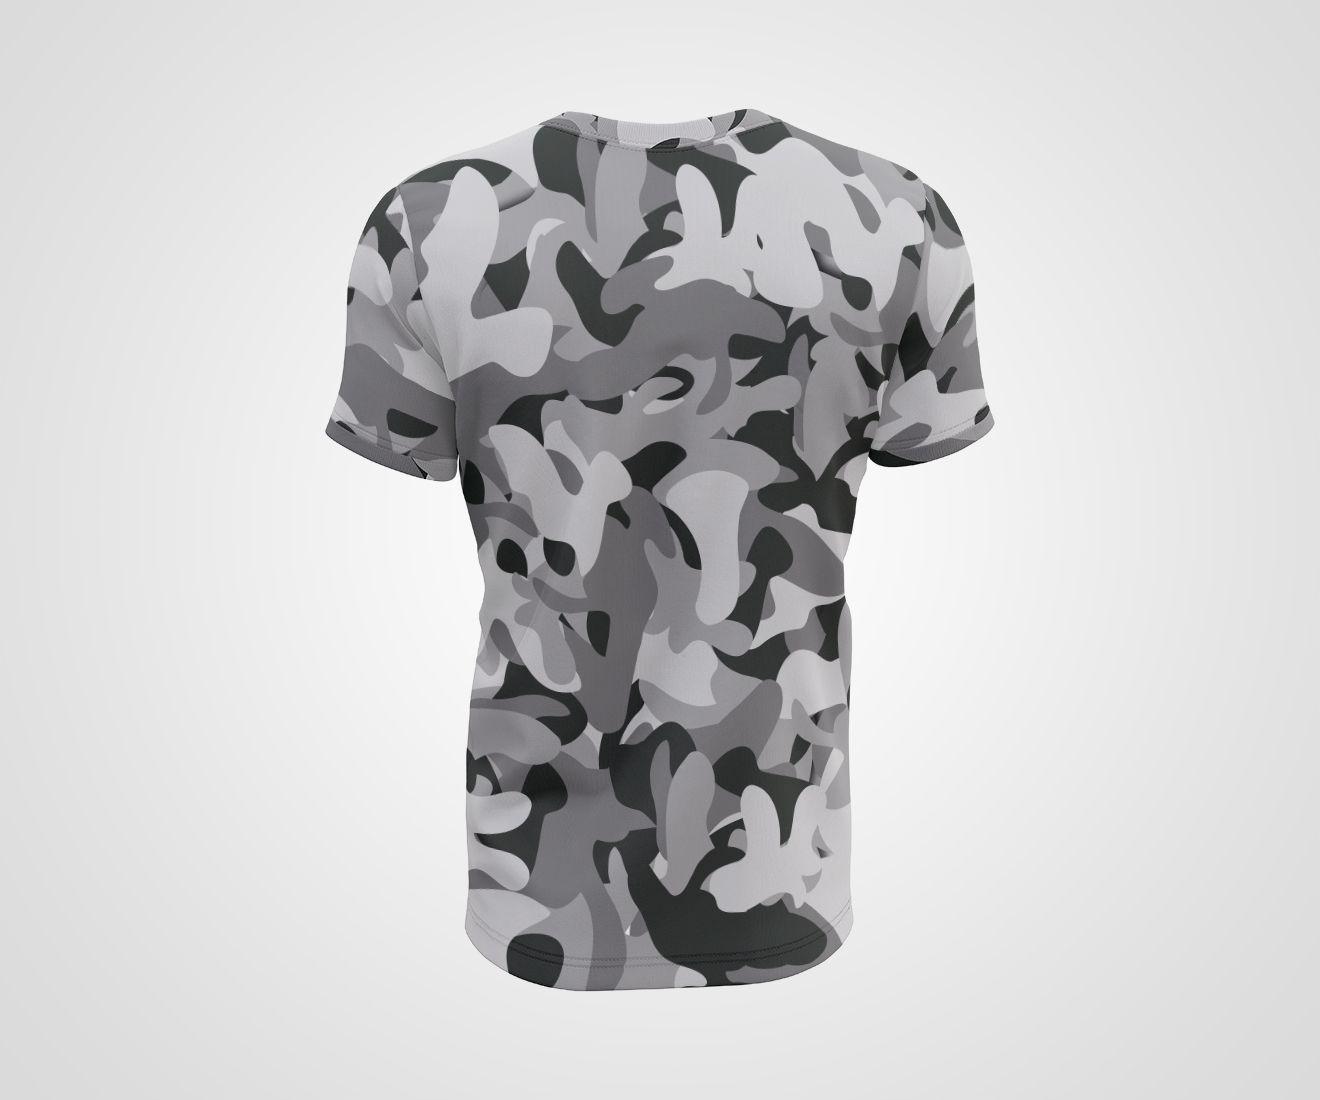 Camiseta Dry - Crossfit Army Camuflada Branca